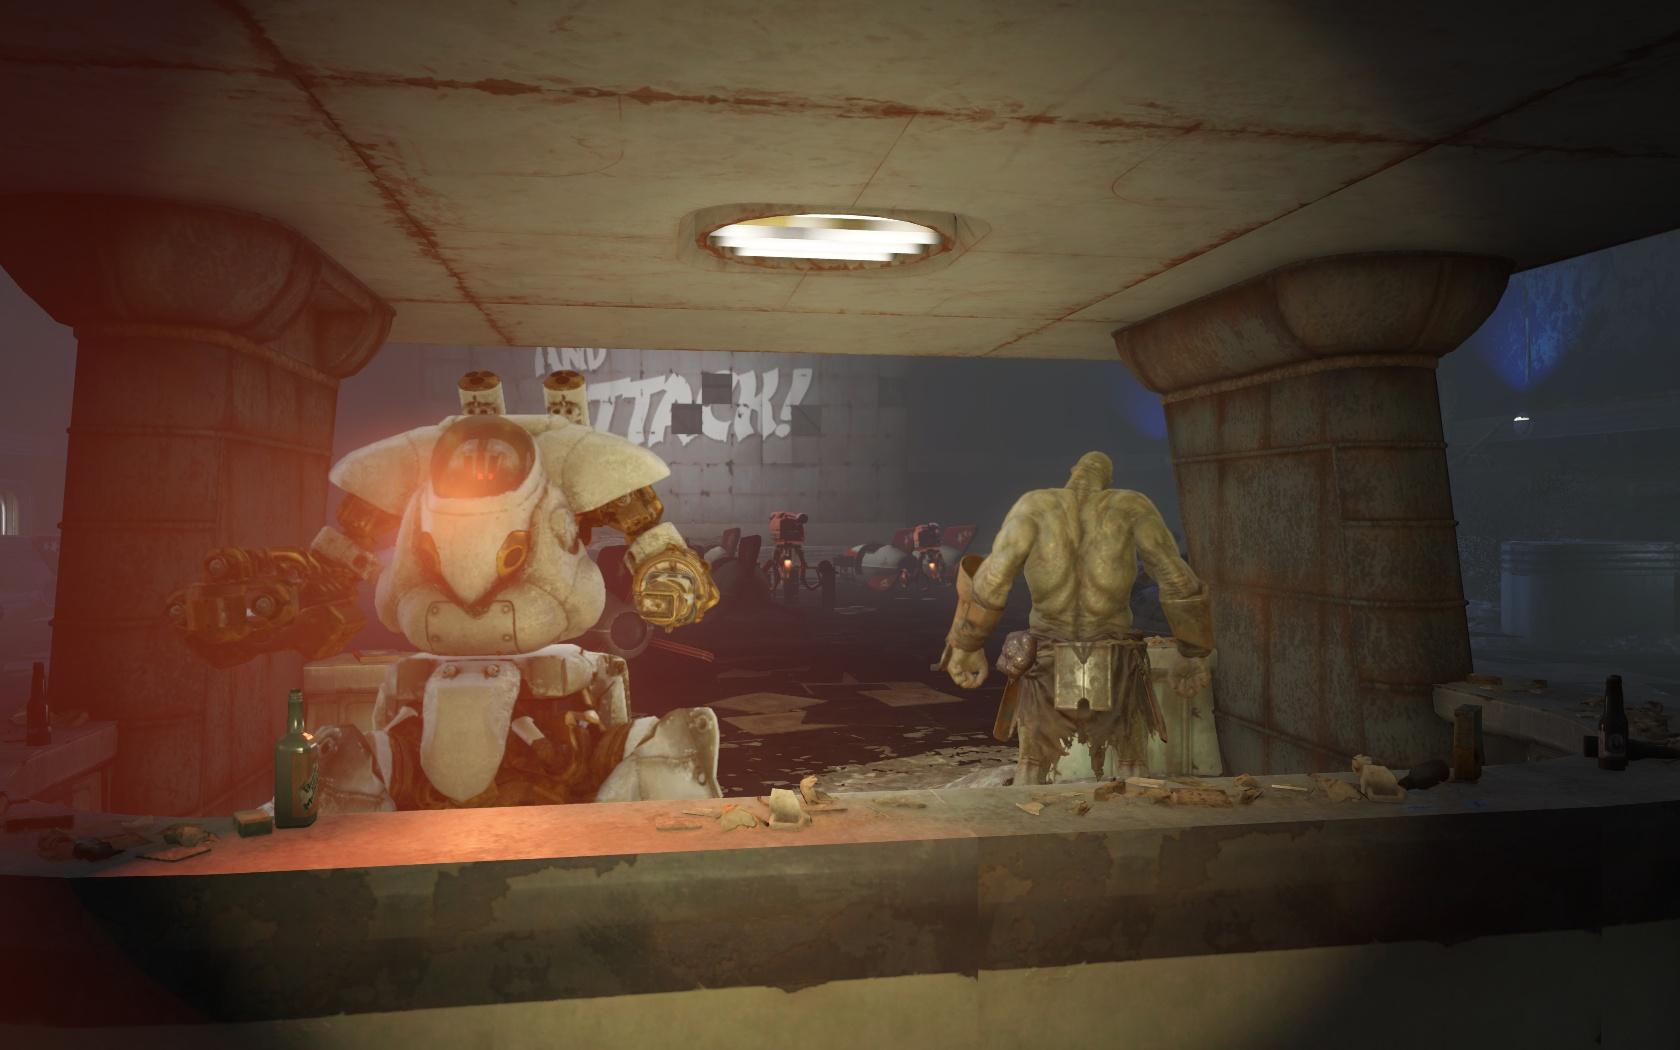 Дружелюбный Звёздный бармен, если зачистить Галактику слишком рано (Ядер-Мир, Кинотеатр Звёздный свет) - Fallout 4 Nuka World, Звёздный бармен, Кинотеатр Звёздный свет, робот, Силач, Ядер-Мир